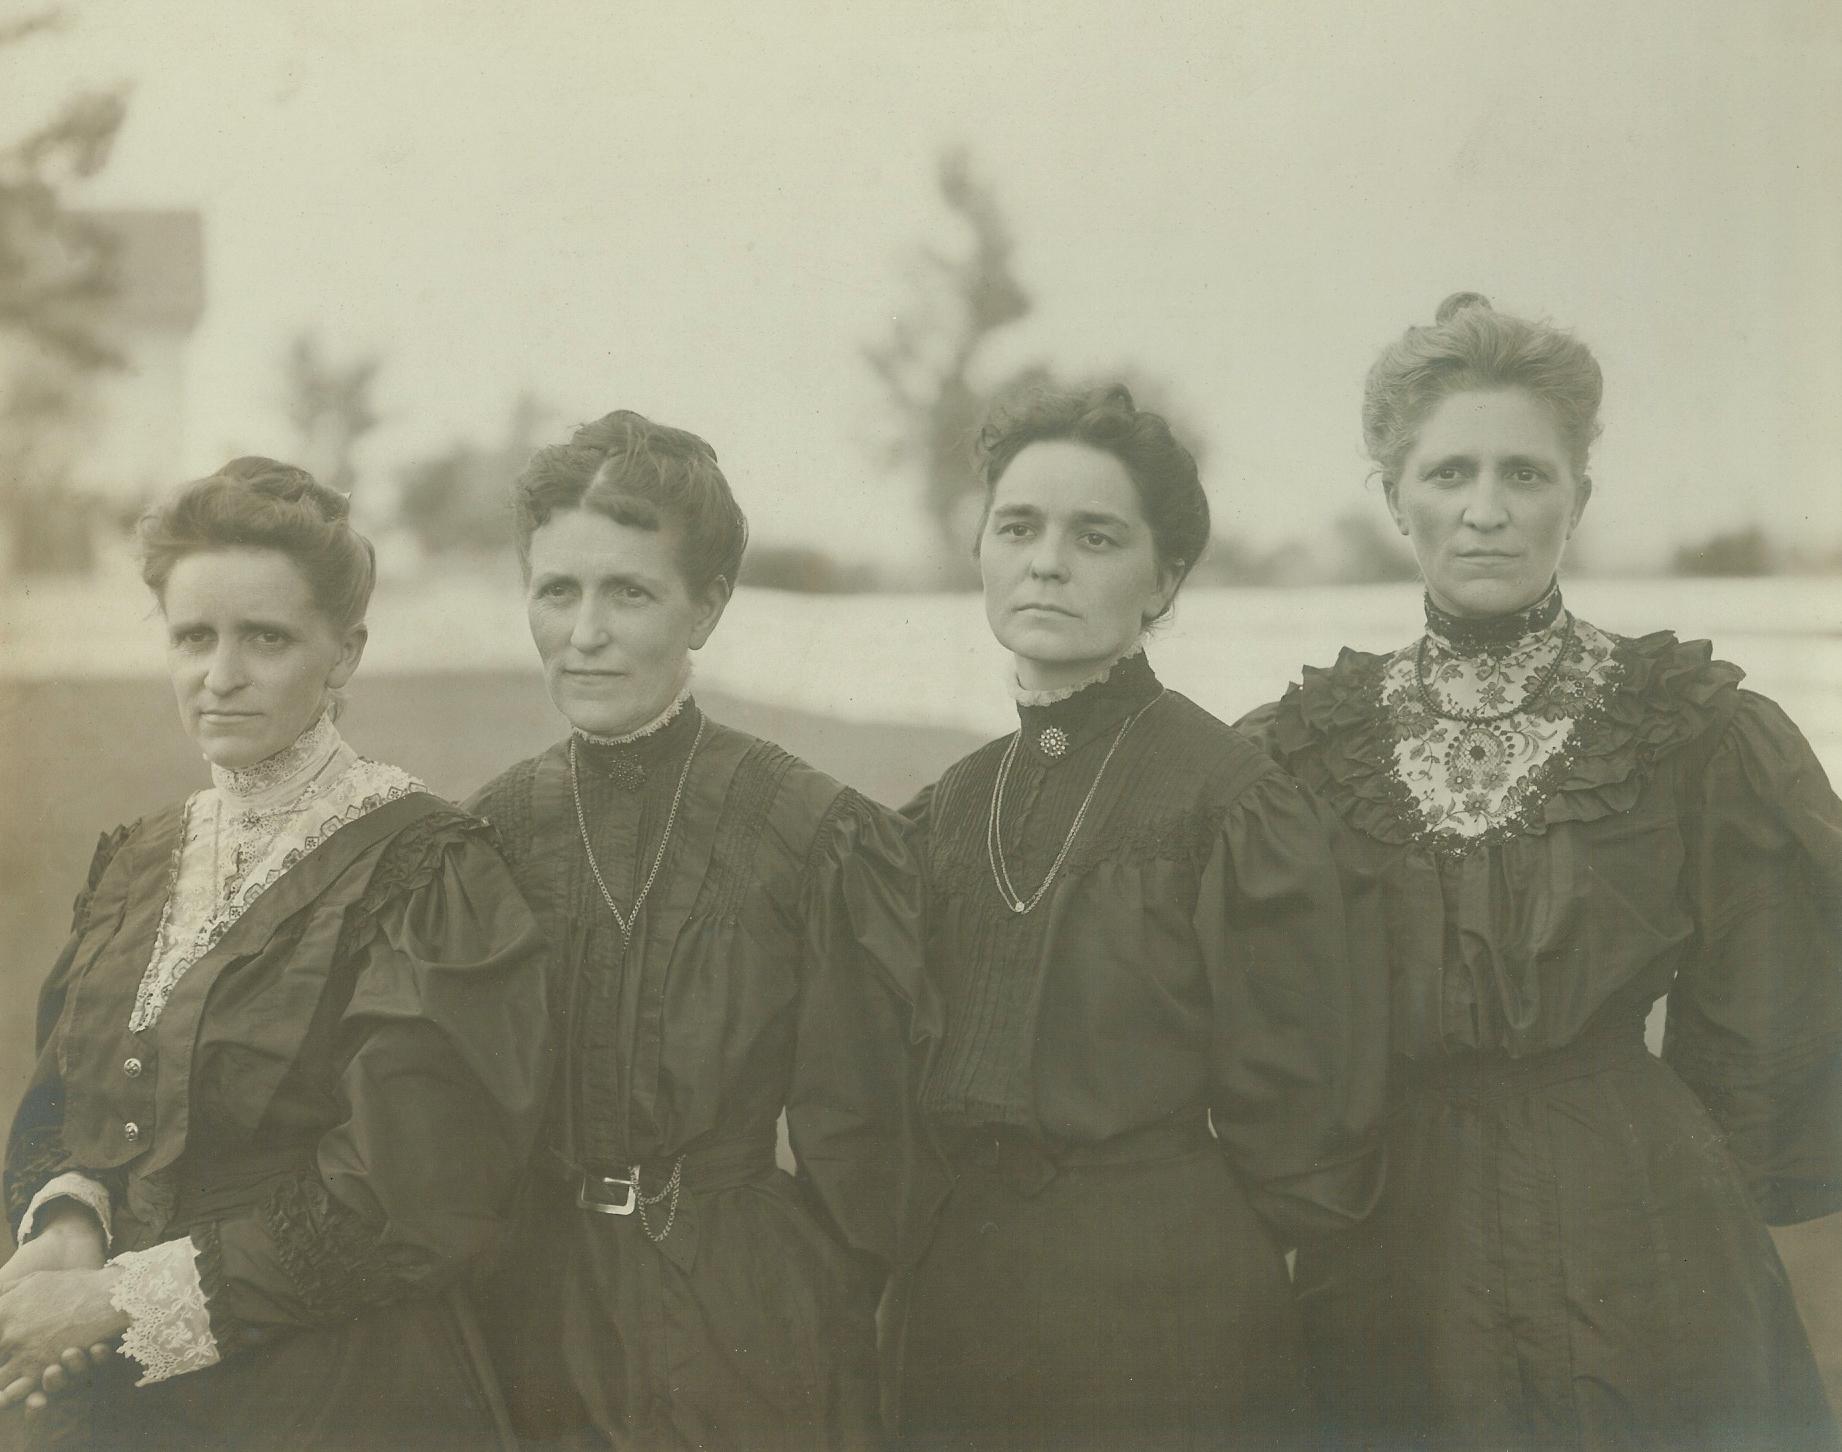 Antique photo of Mary Hains Peterson, Sarepta Hains Short, Hattie Hains Carpenter and Mattie Hains Jefferson